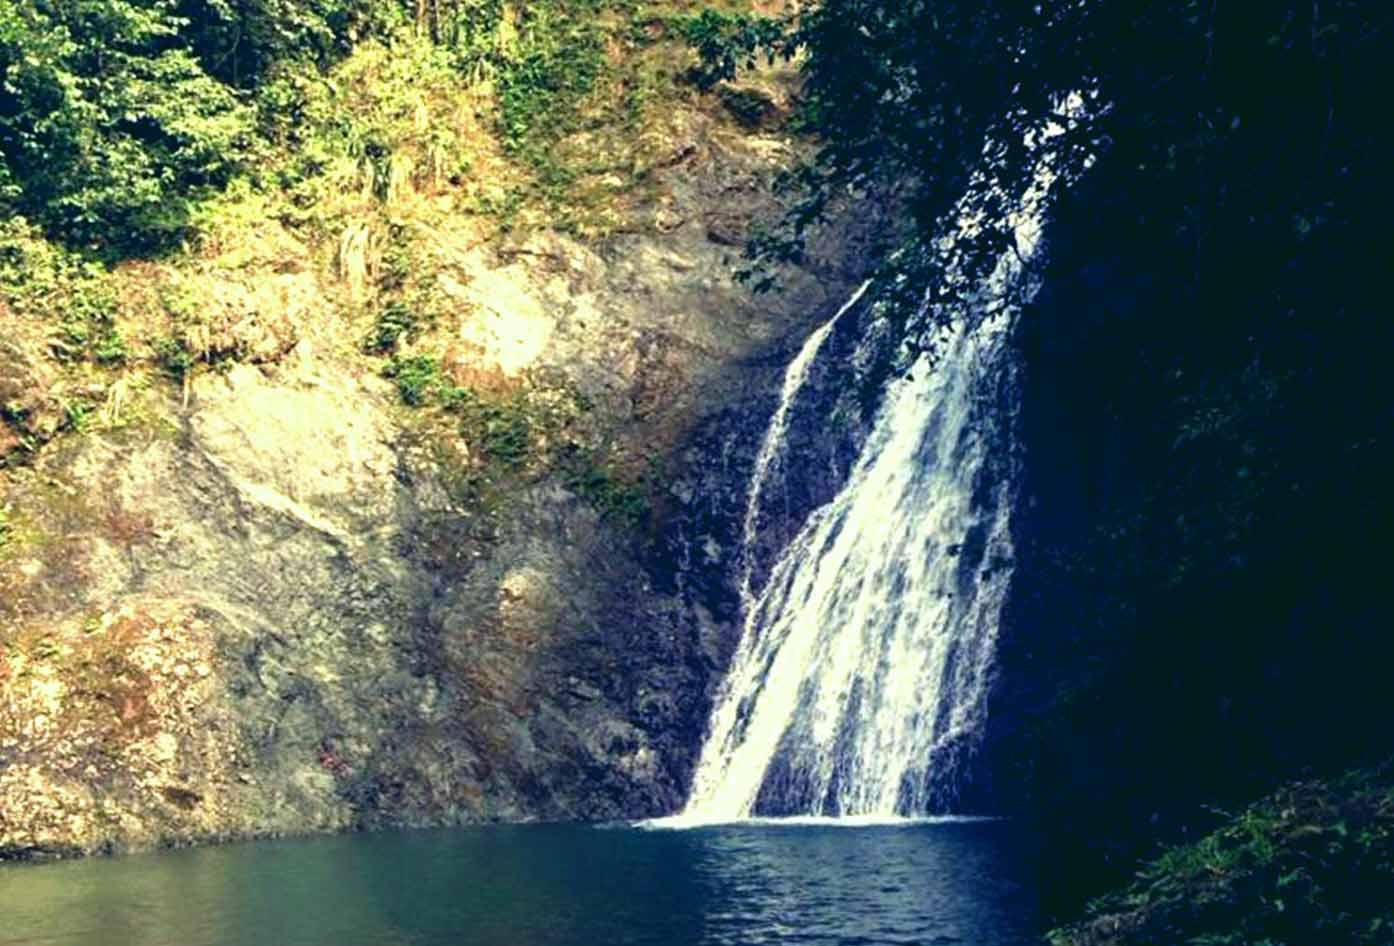 salto curet falls